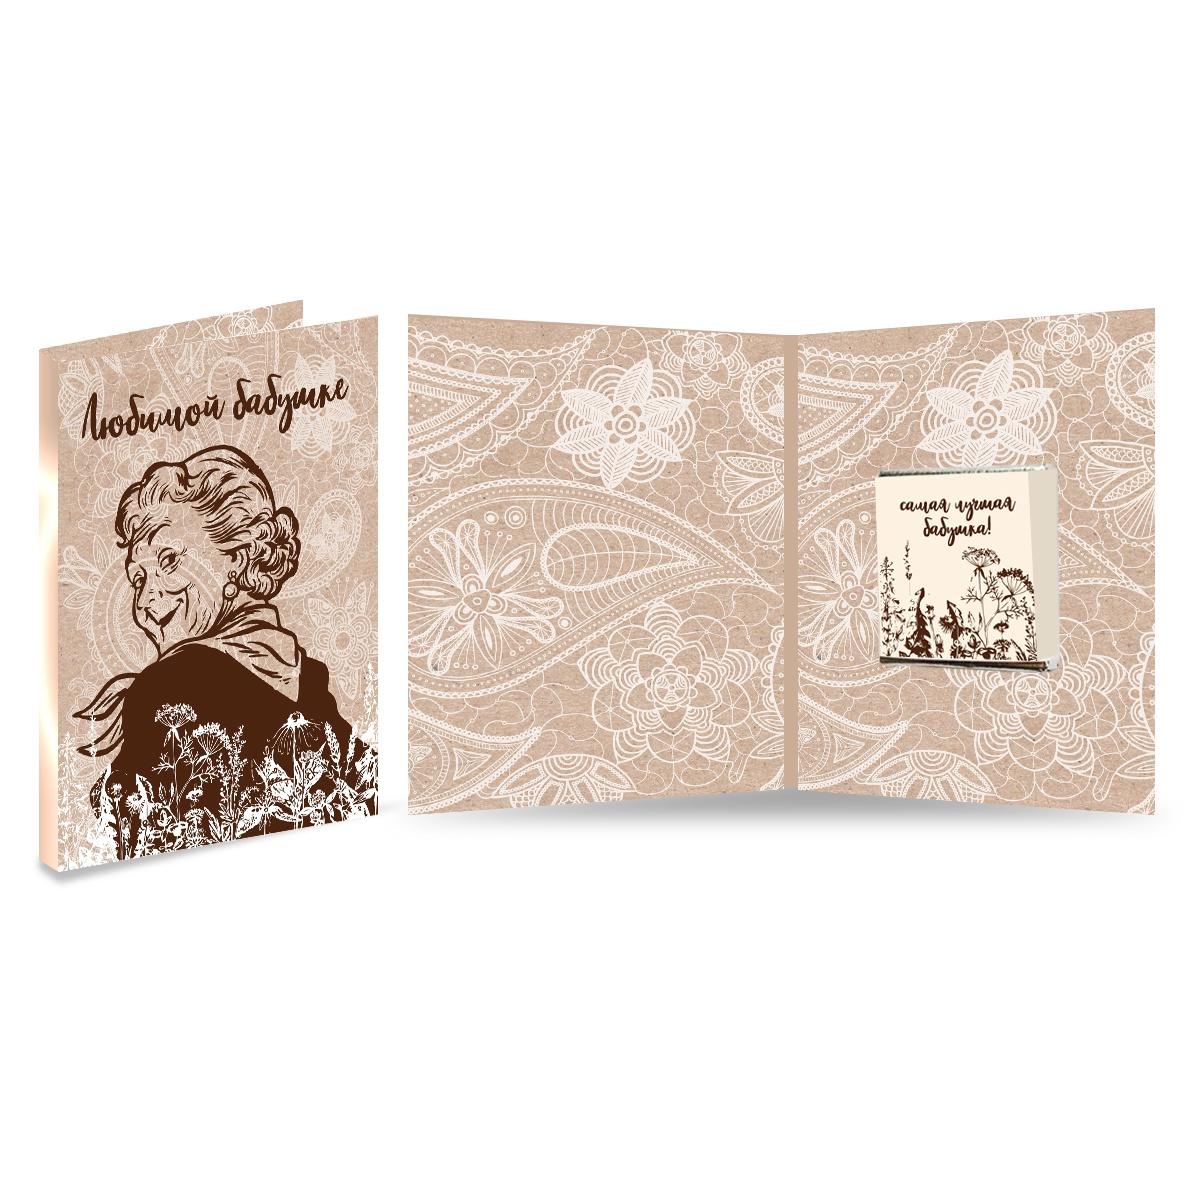 Мини-открытка с шоколадом DolcePic «Любимой бабушке», 5 г благовоние candle banks любимой бабушке с ароматом ландыша 416321